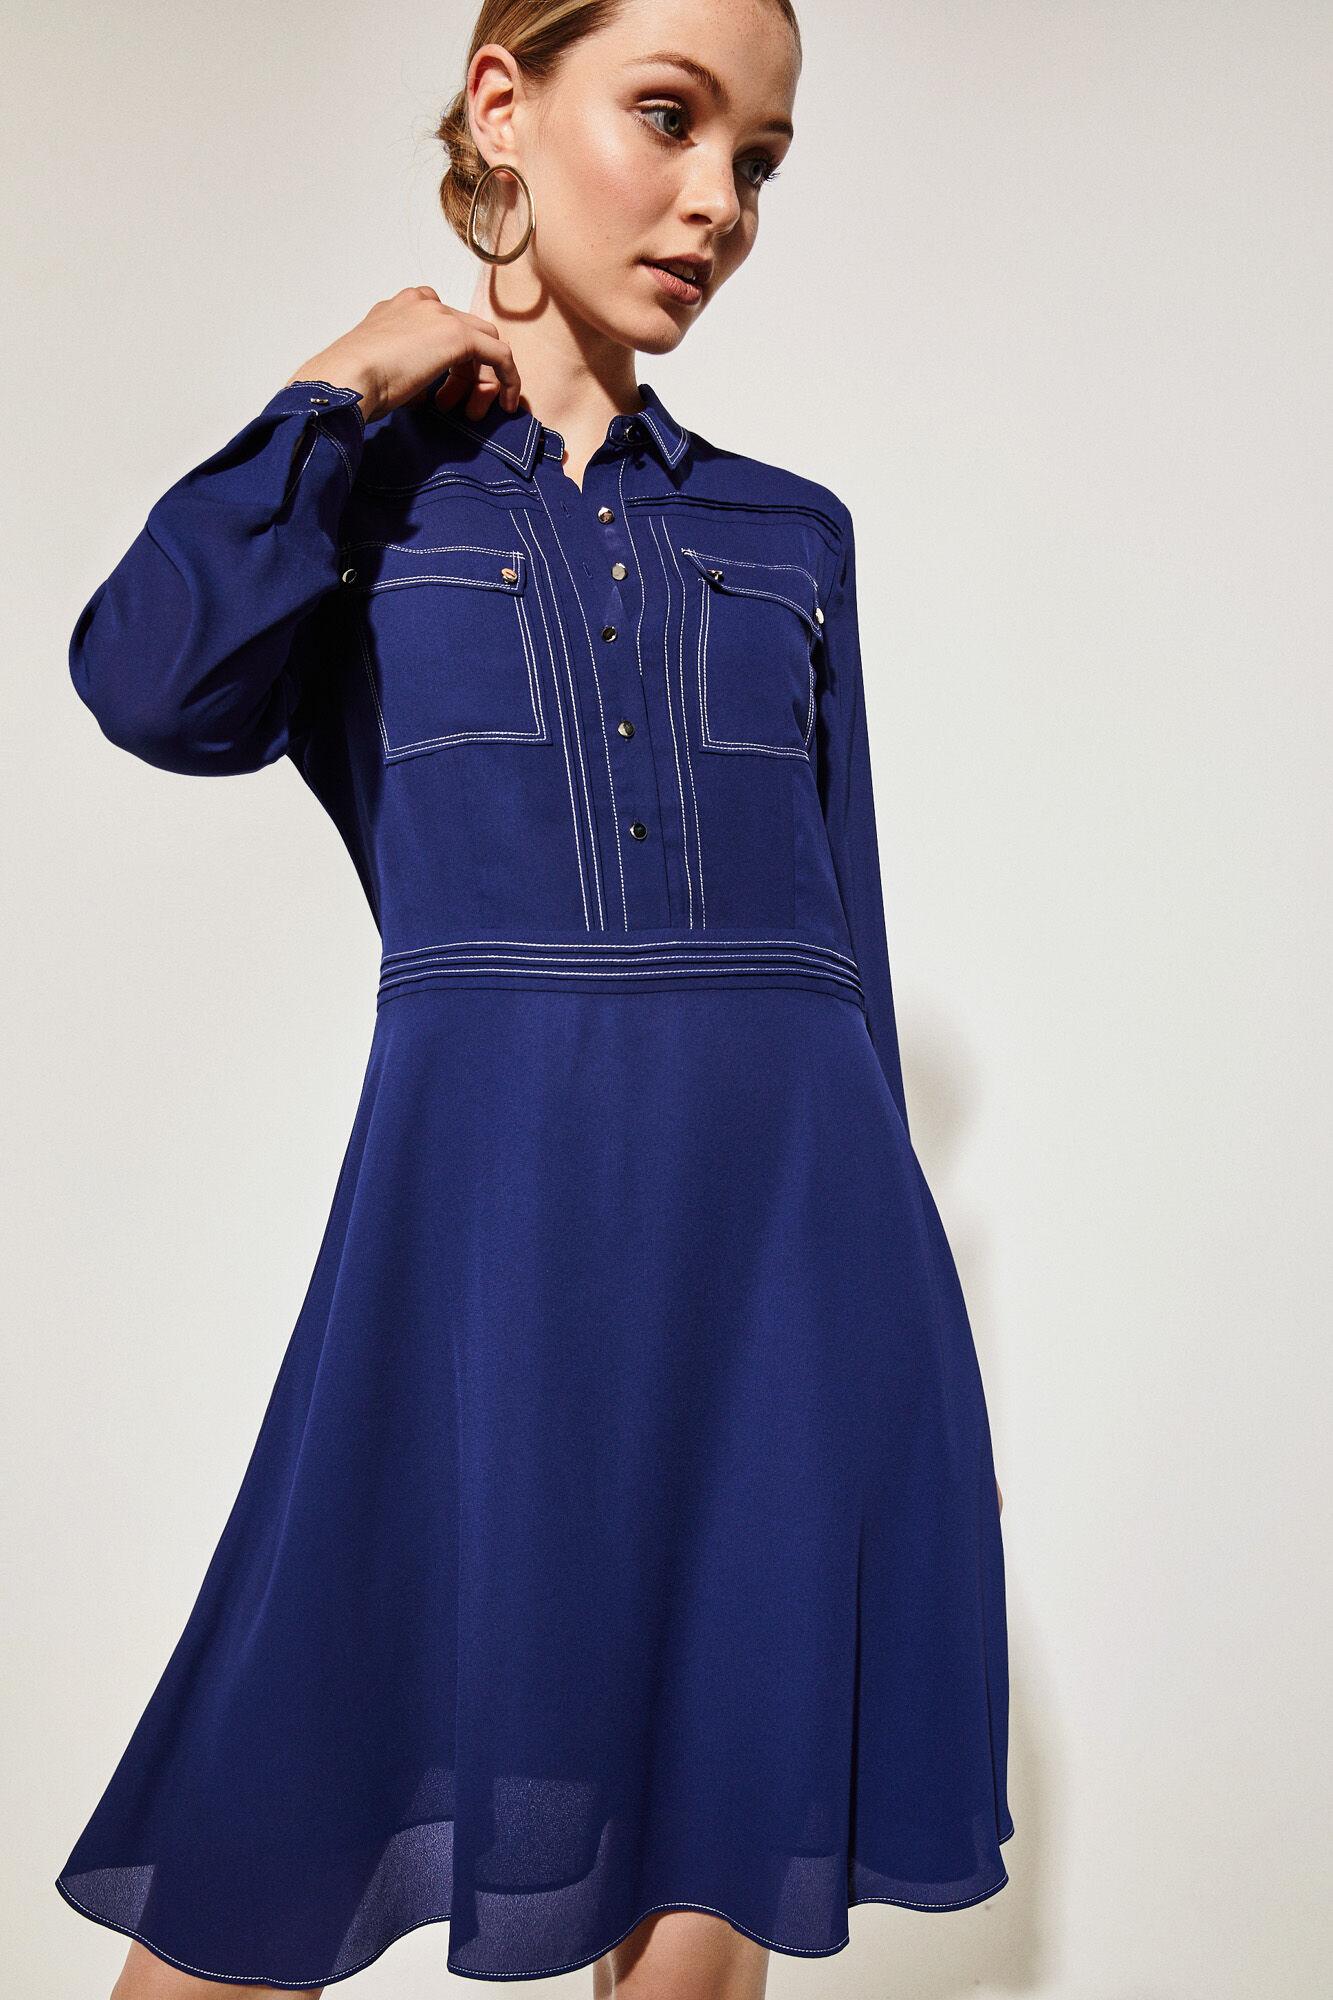 Vestidos para mujeres gorditas mercadolibre